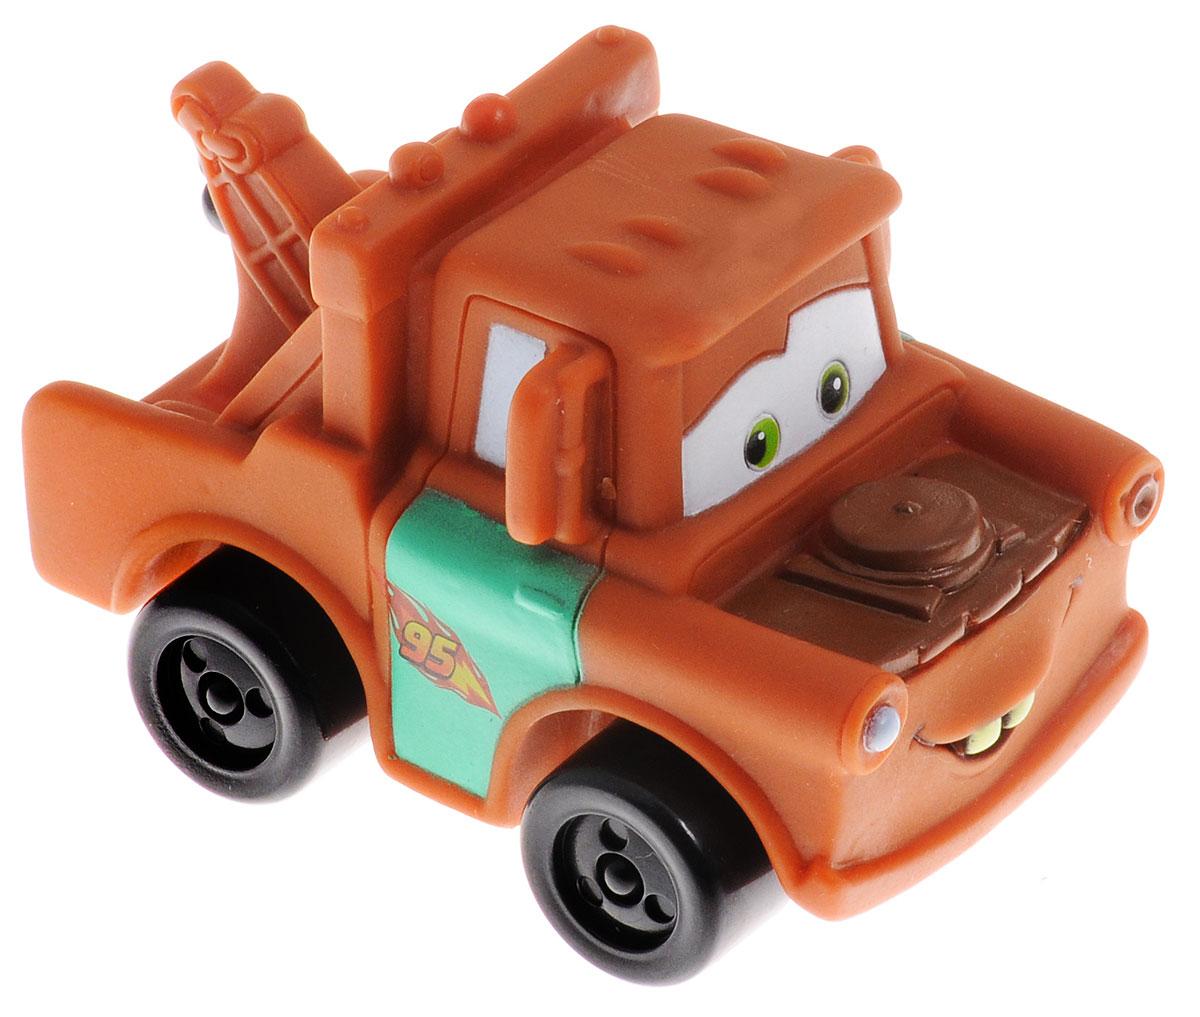 Cars Машинка Затейники МэтрGT7099Машинка Cars Мэтр привлечет внимание вашего малыша и не позволит ему скучать, ведь так интересно и захватывающе покатать свою машинку или устроить гонку с другом. Машинка выполнена из полимерных материалов в виде персонажа мультфильма Тачки Мэтра. При нажатии на специальную кнопку, машинка произносит разные фразы из мультфильма голосом своего героя. Благодаря небольшому размеру ребенок сможет взять машинку с собой на прогулку, в поездку или в гости. Порадуйте своего малыша таким замечательным подарком! Работает игрушка от незаменяемых батареек.